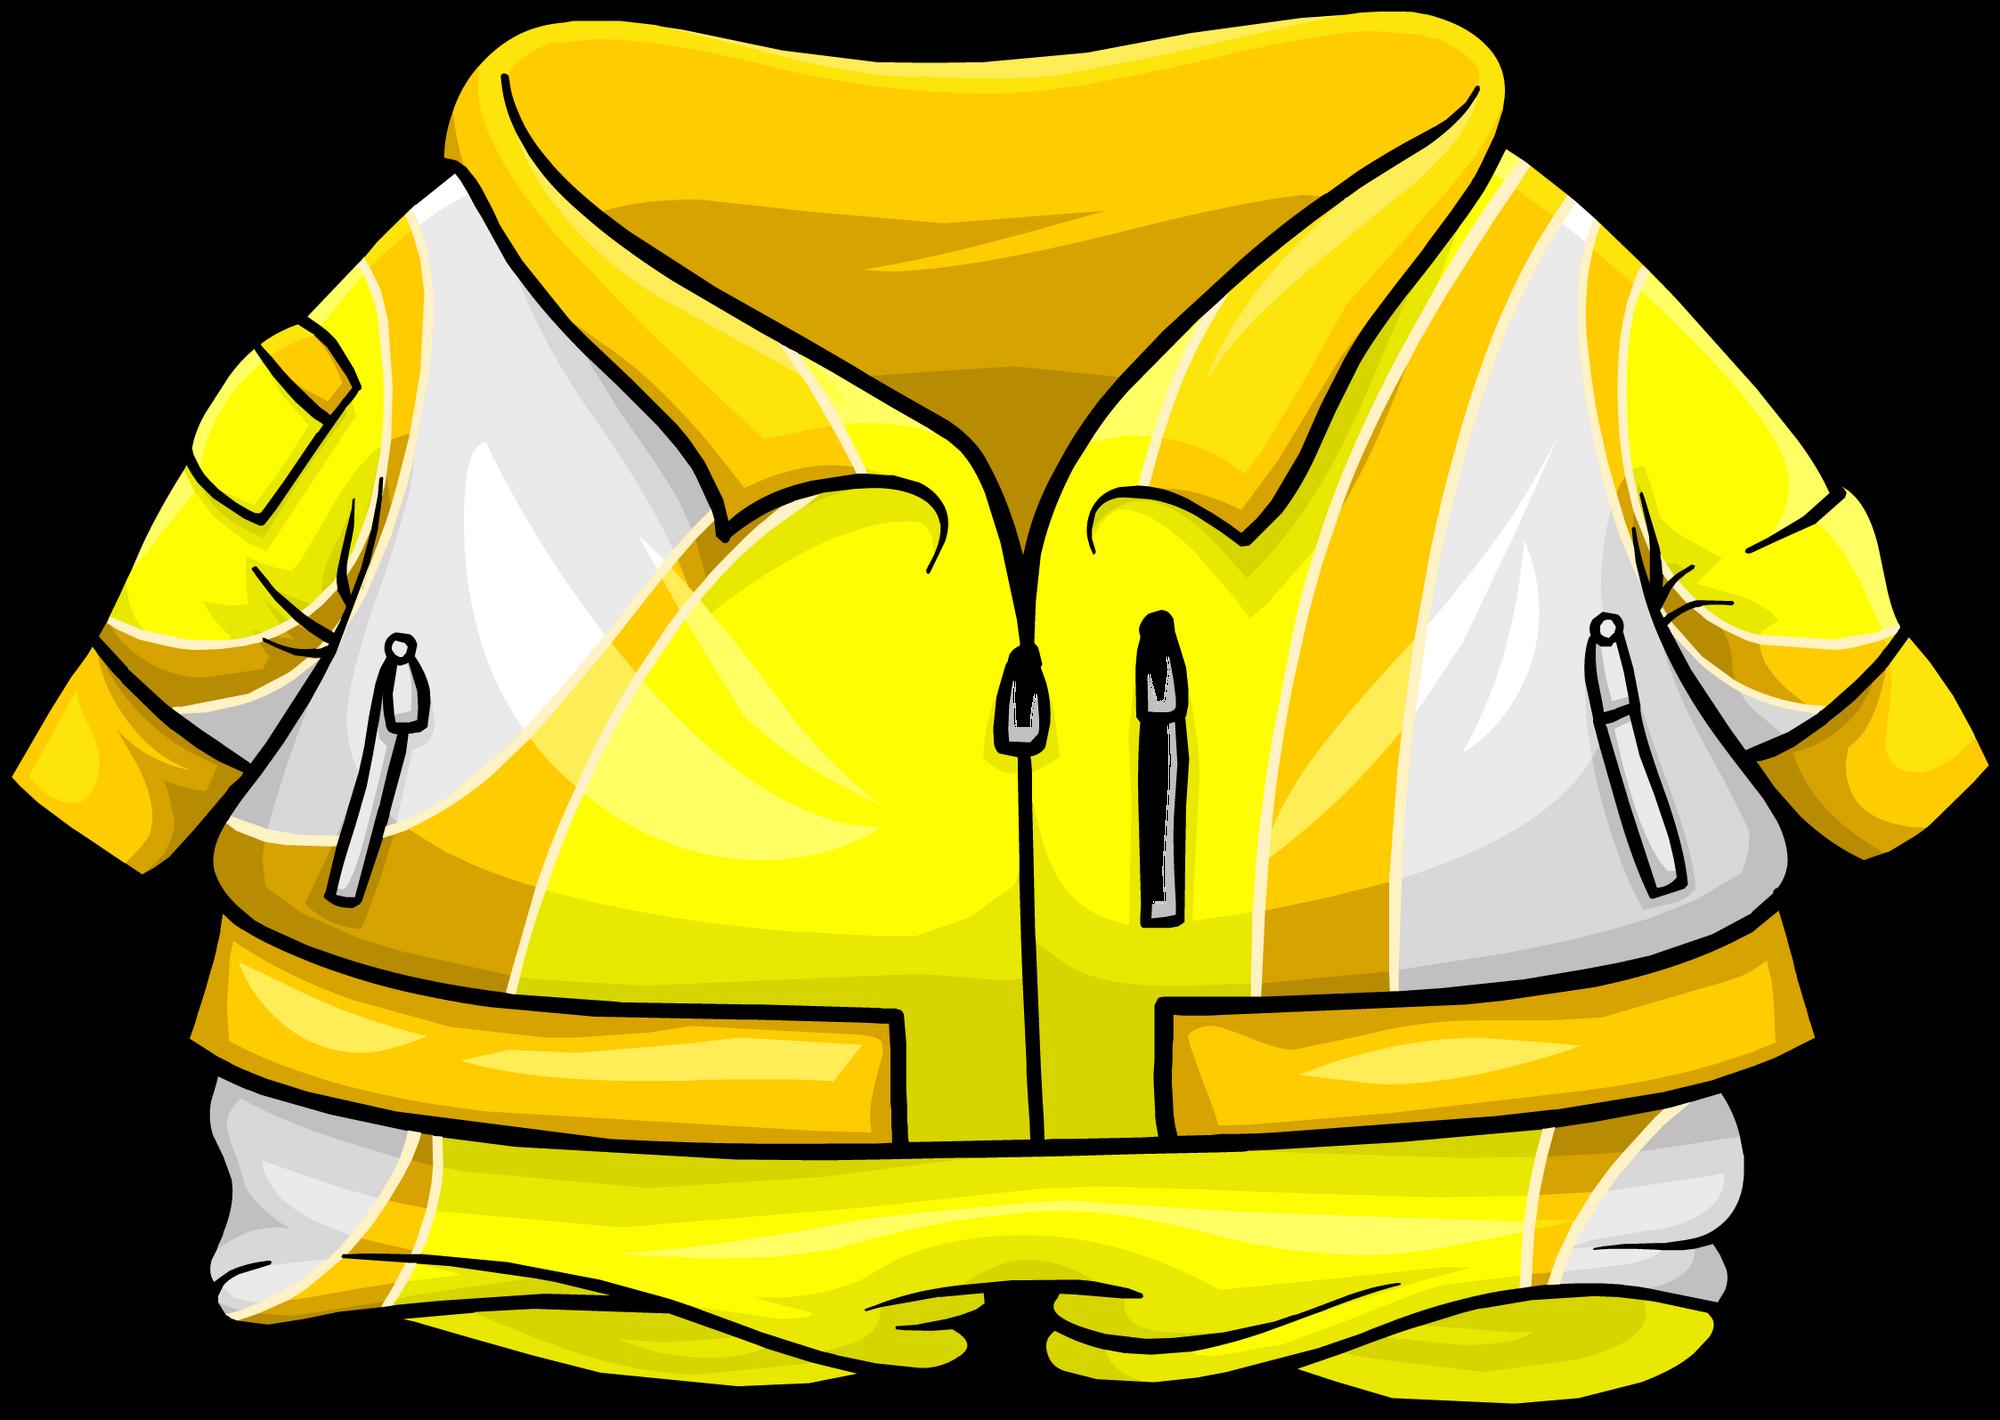 Yellow Tracksuit   Club Penguin Wiki   FANDOM powered by Wikia